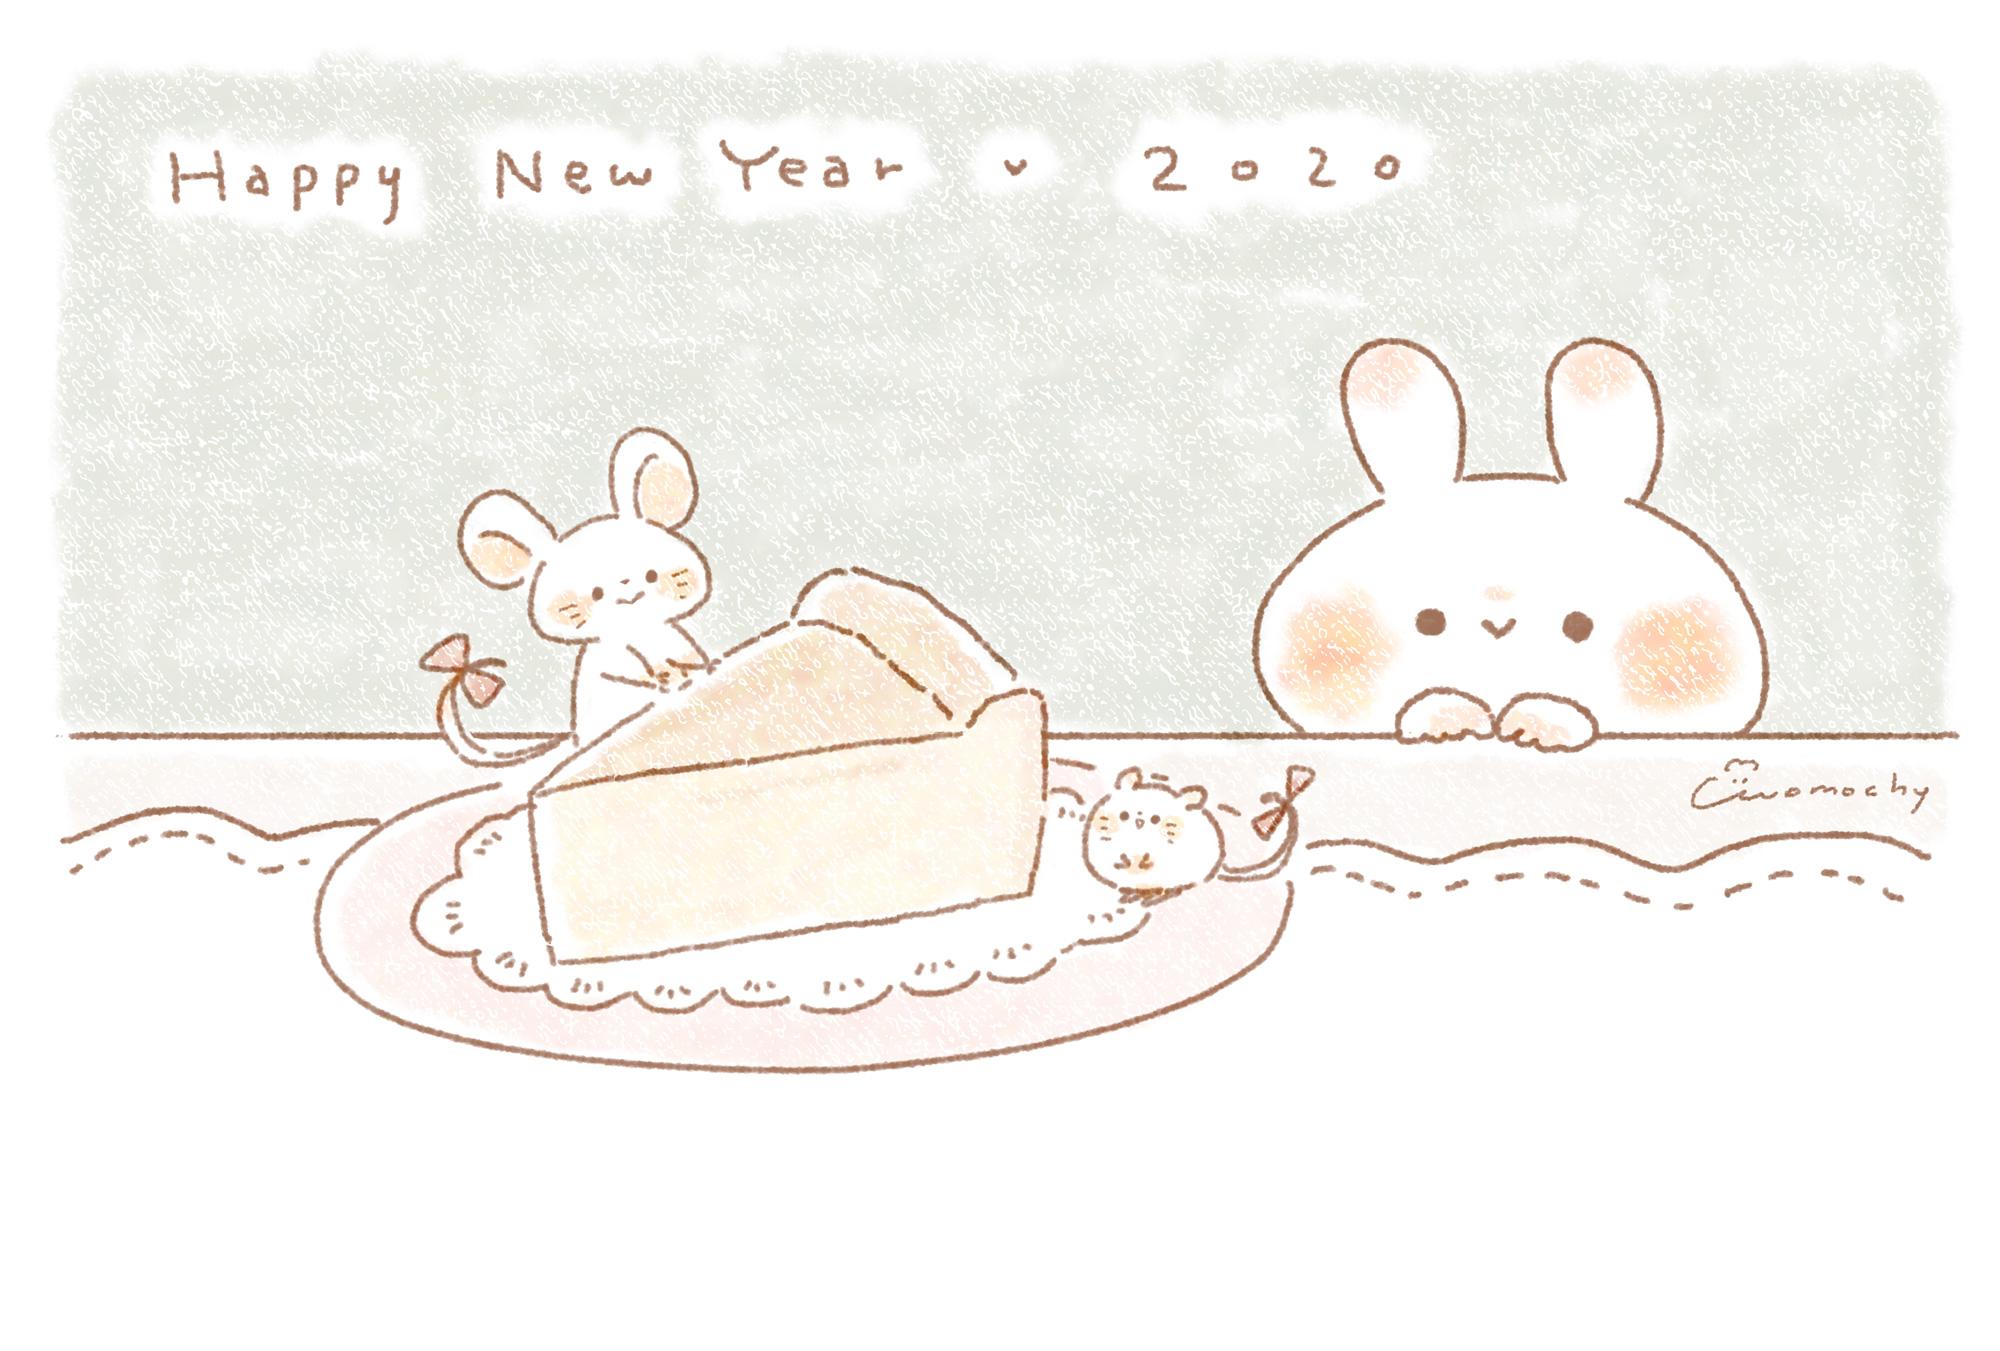 年 子年 おしゃれで可愛い 年賀状デザイン無料配布 1 チーズケーキとねずみとうさぎ Momochyのおうち イラストレーターももちーのwebサイト